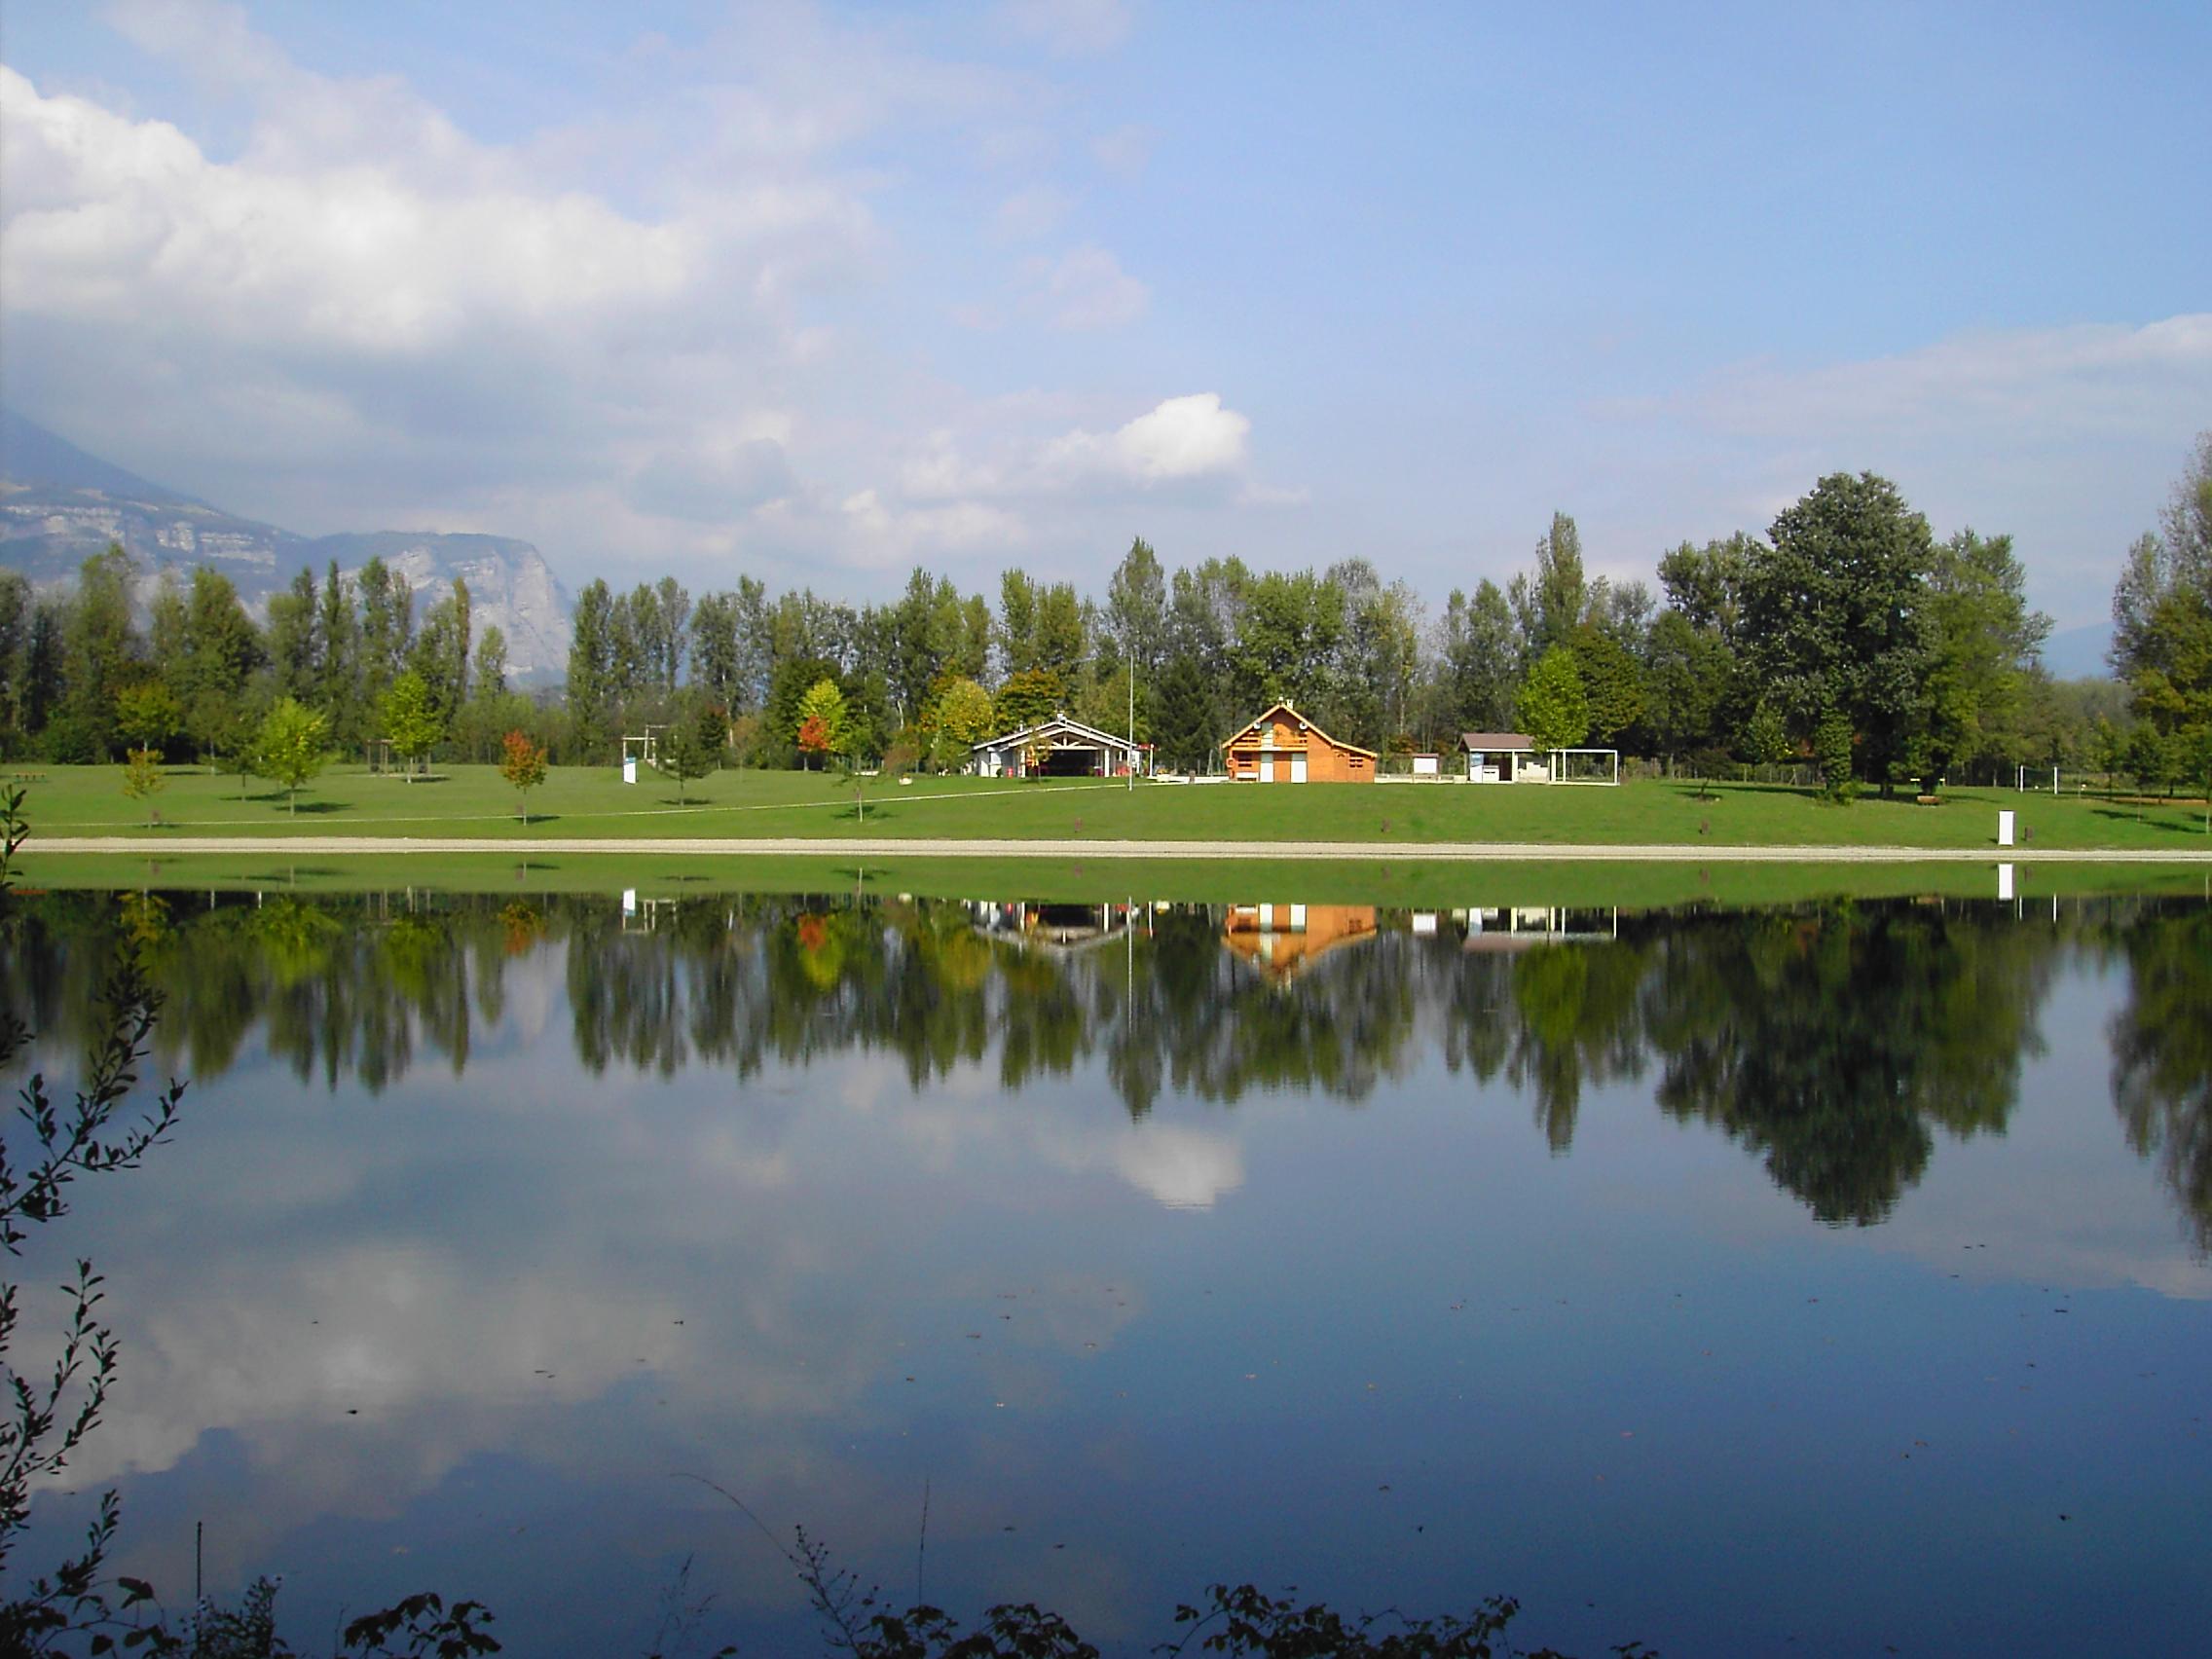 File:Bois francais - Grenoble.jpg - Wikimedia Commons